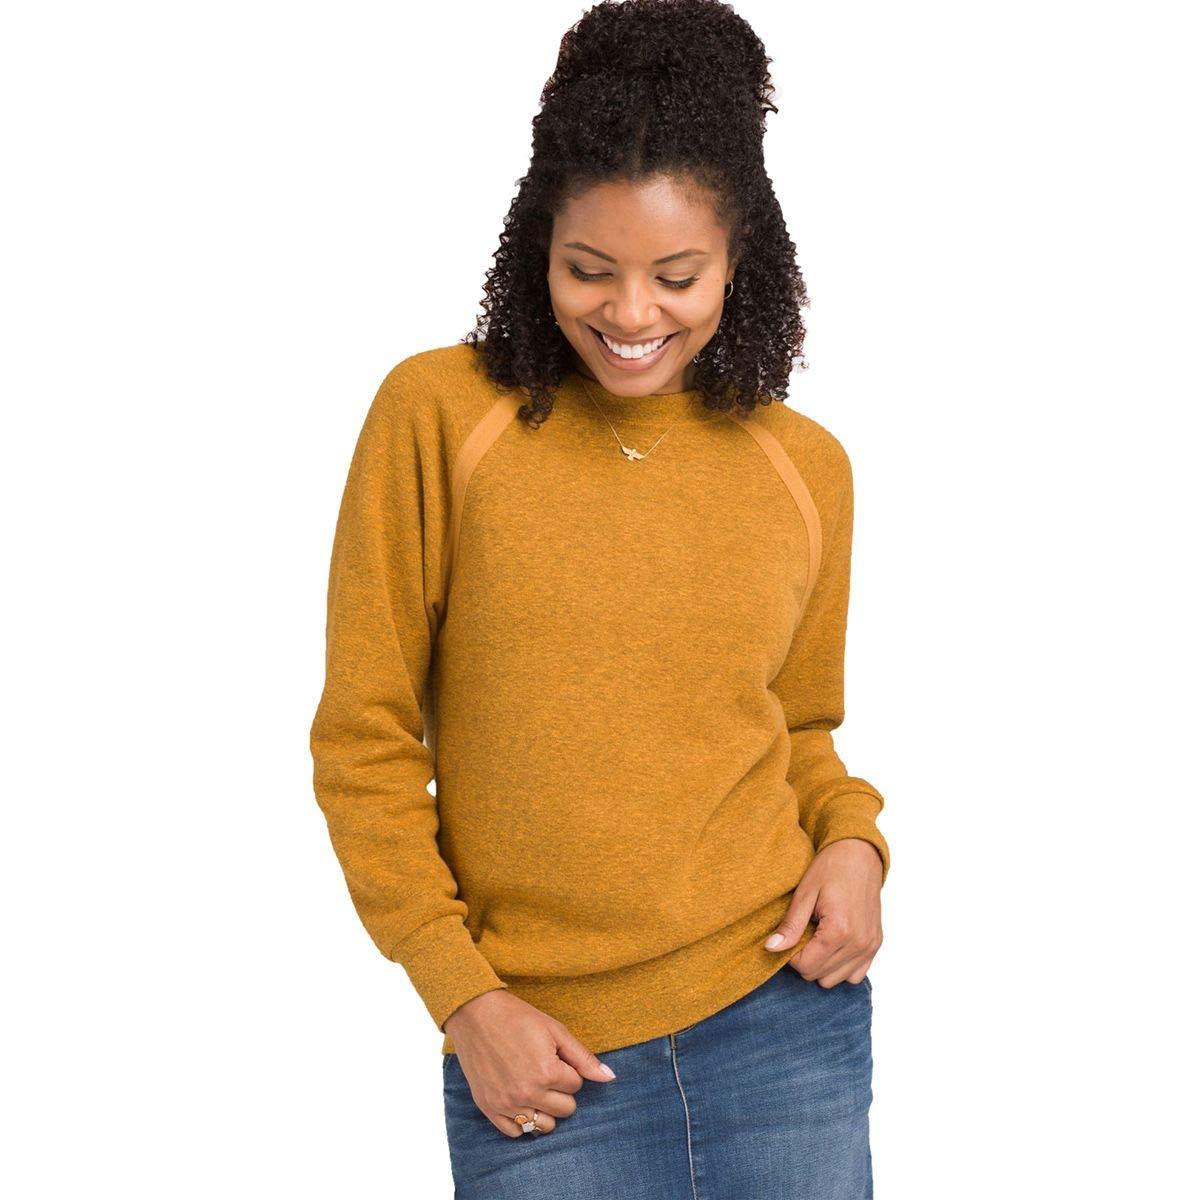 prAna Women's Cozy Up Sweatshirt, Copper Sand Heather, Small by prAna